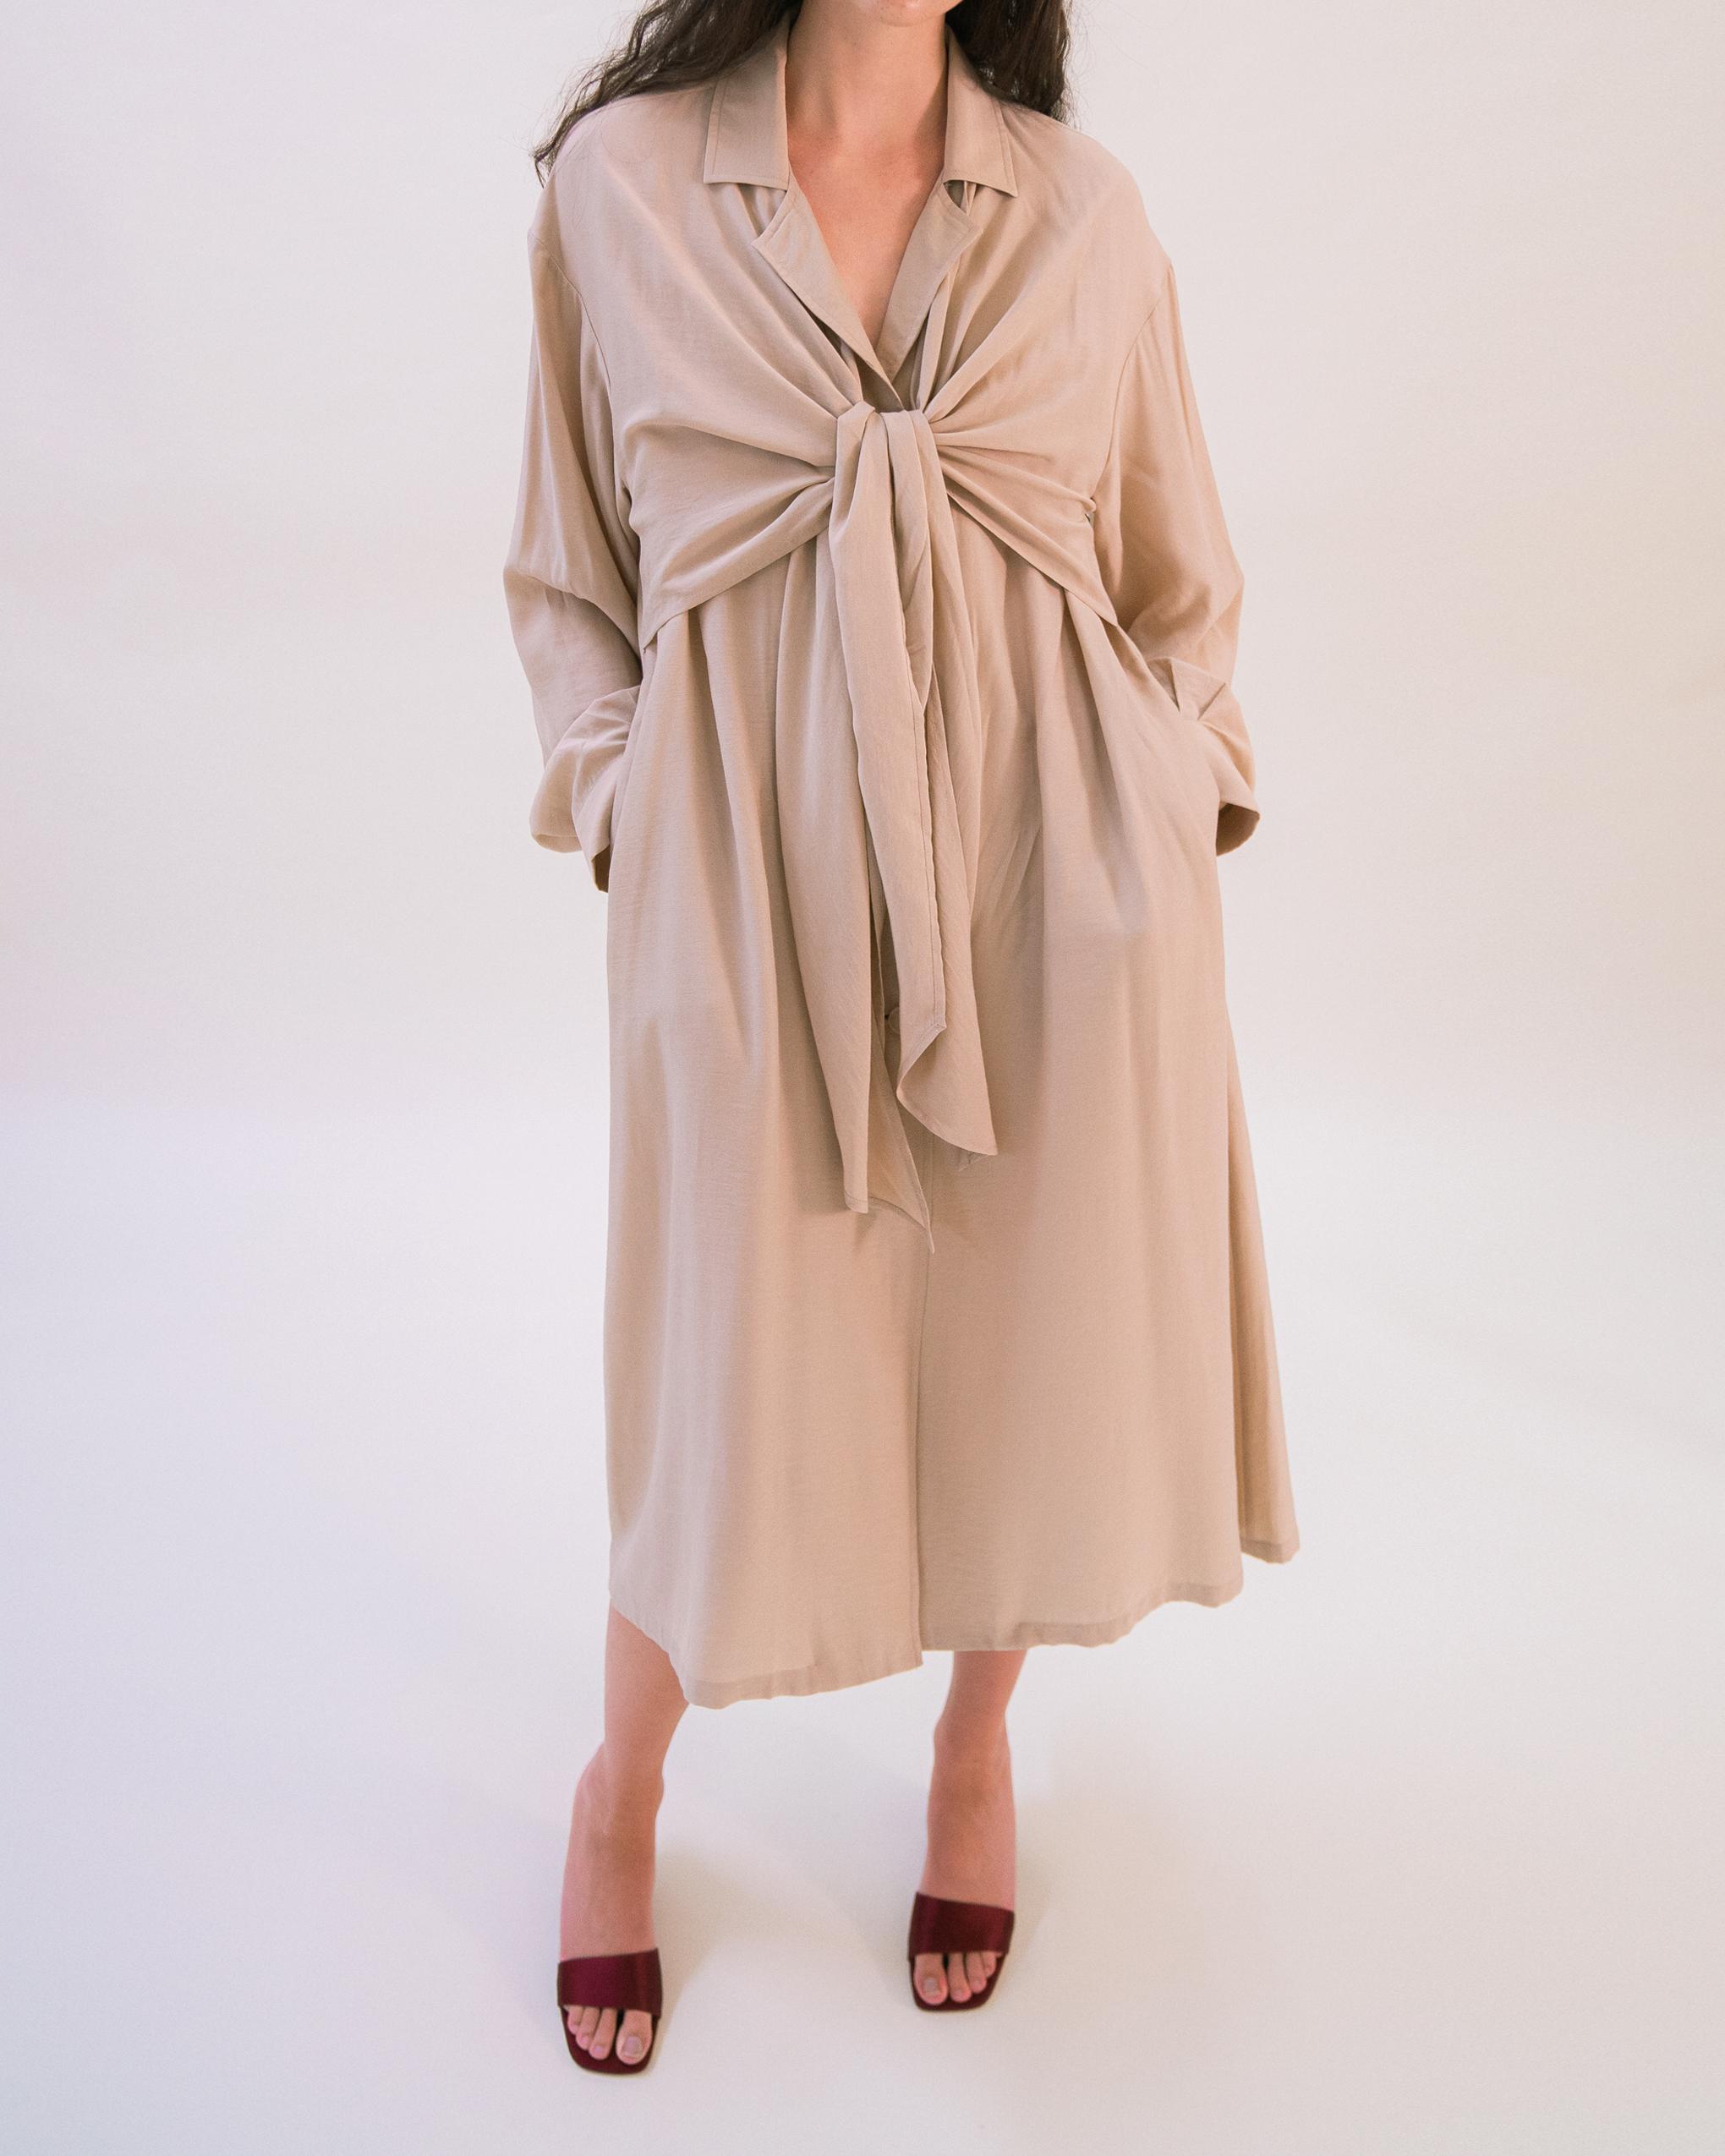 A women is wearing a beige tie front trench coat.